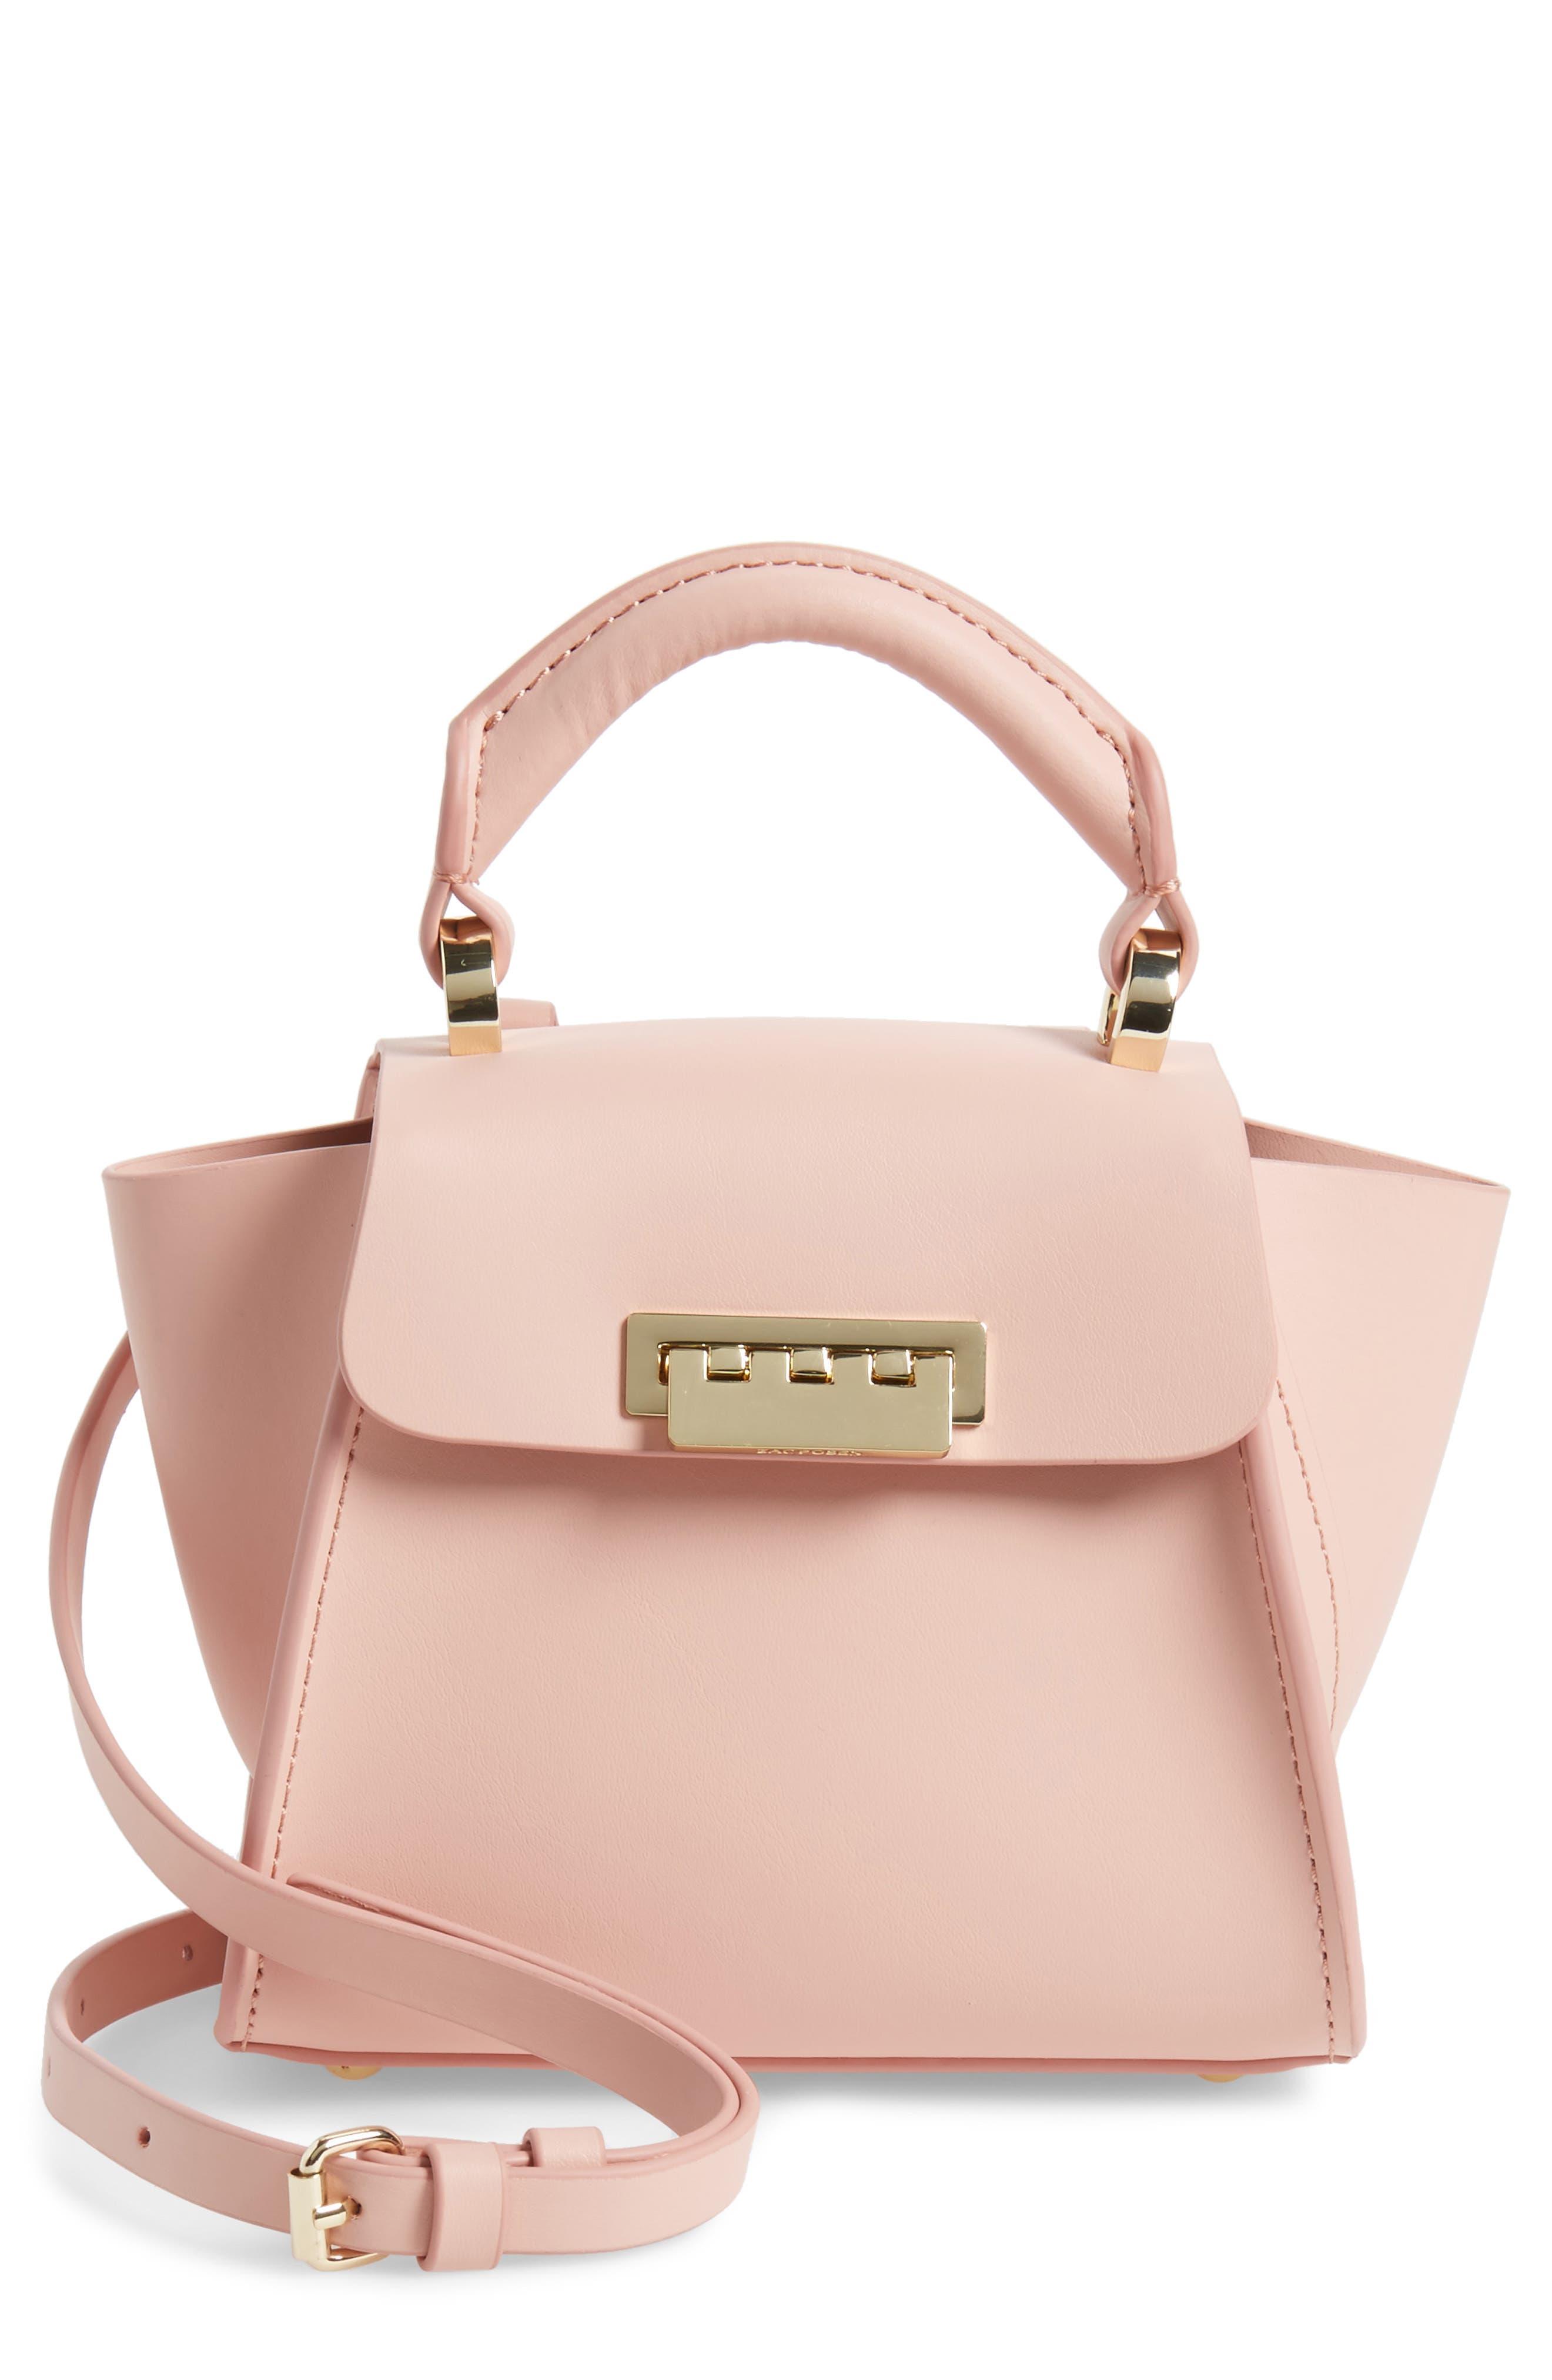 ZAC Zac Posen Eartha Iconic Mini Top Handle Belt Bag